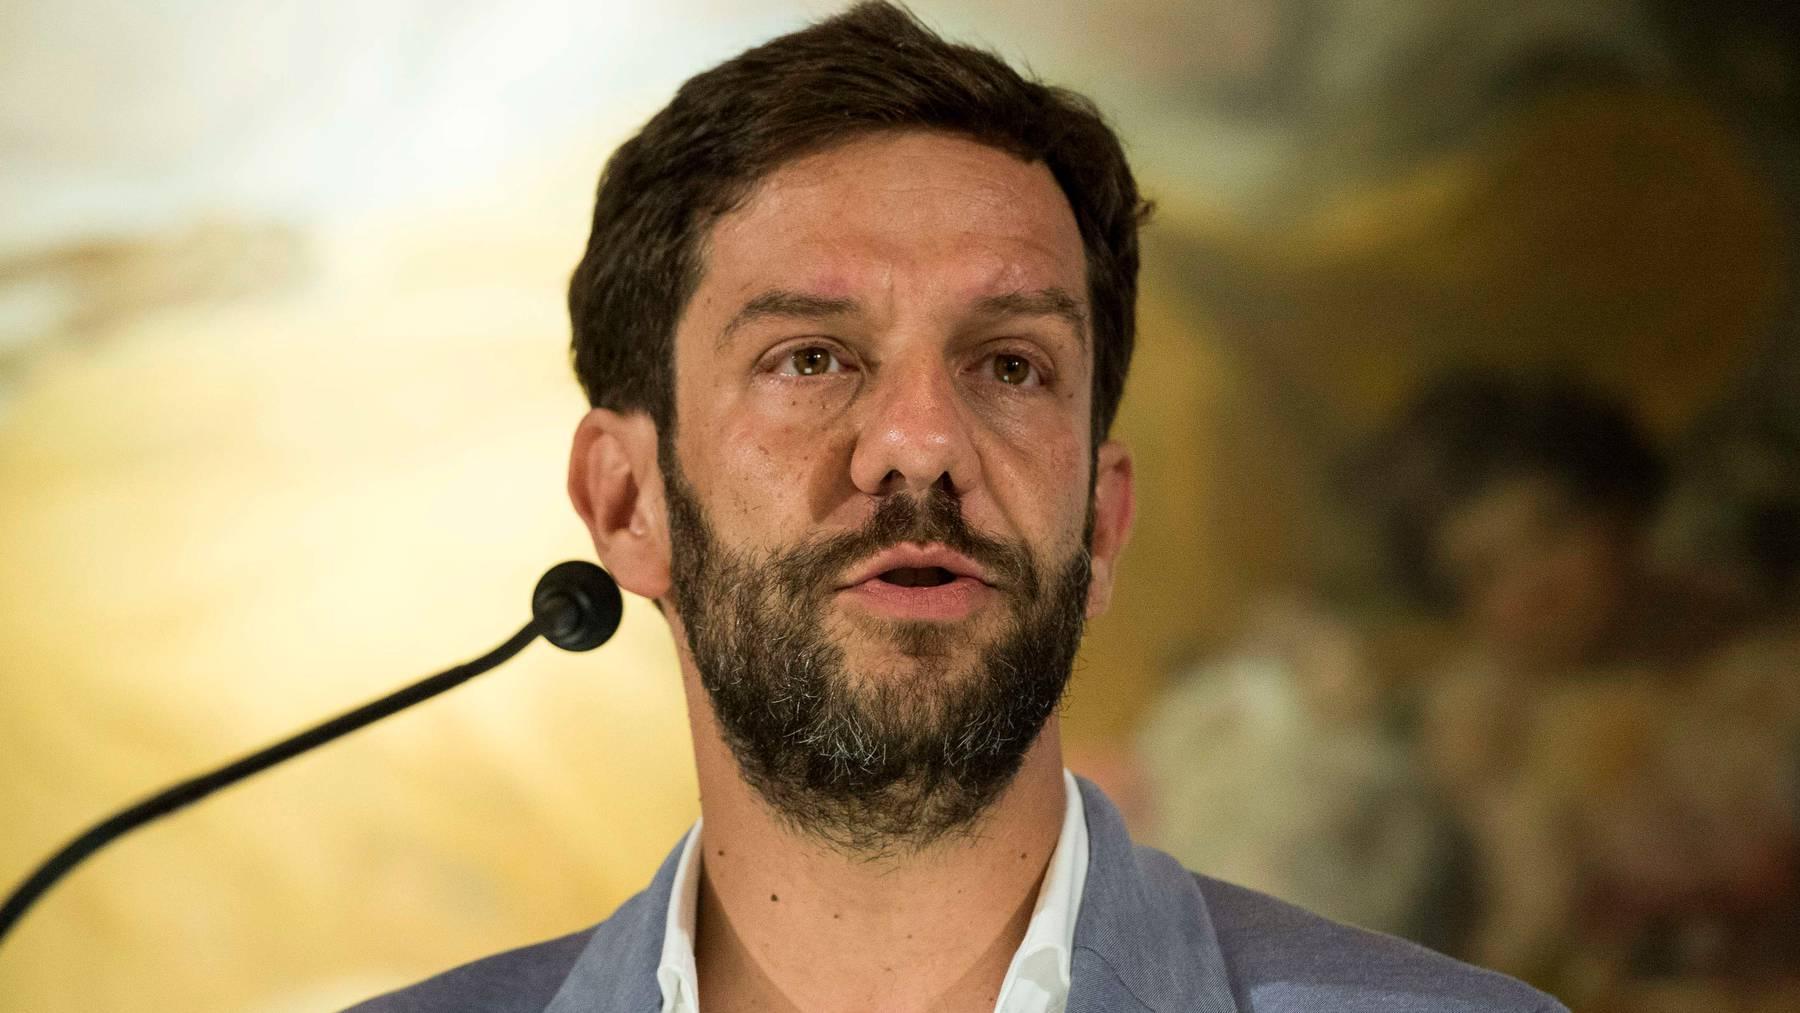 Quereinsteiger: Mario Timbal war bislang Kulturmanager. Hier bei einem Auftritt am Filmfestival in Locarno. (Archivbild)